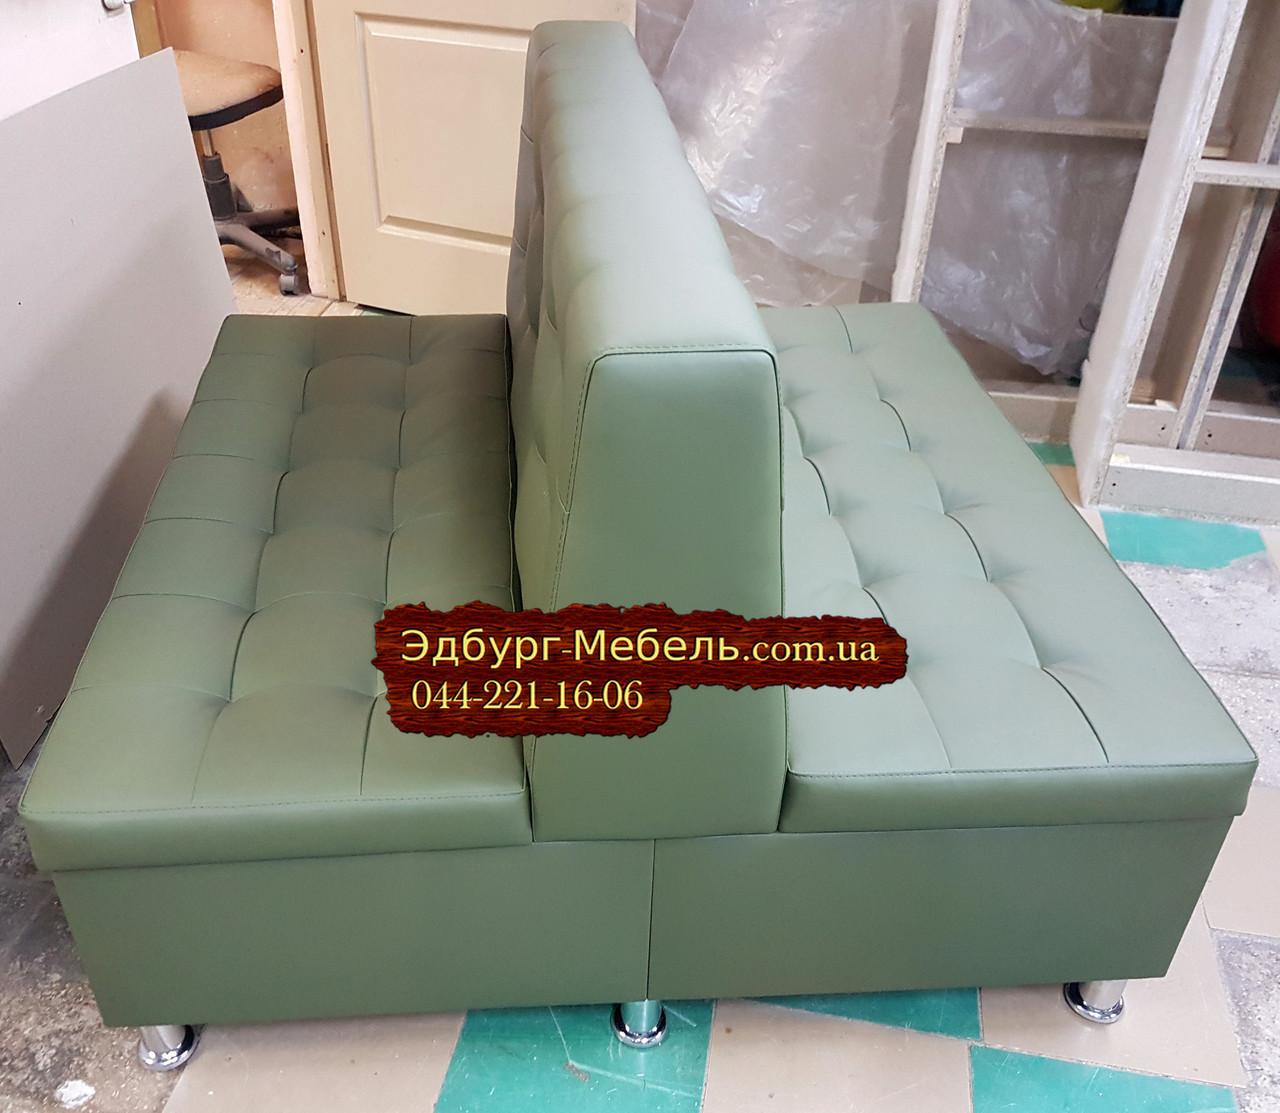 Подвійний диван для кафе будь-який розмір